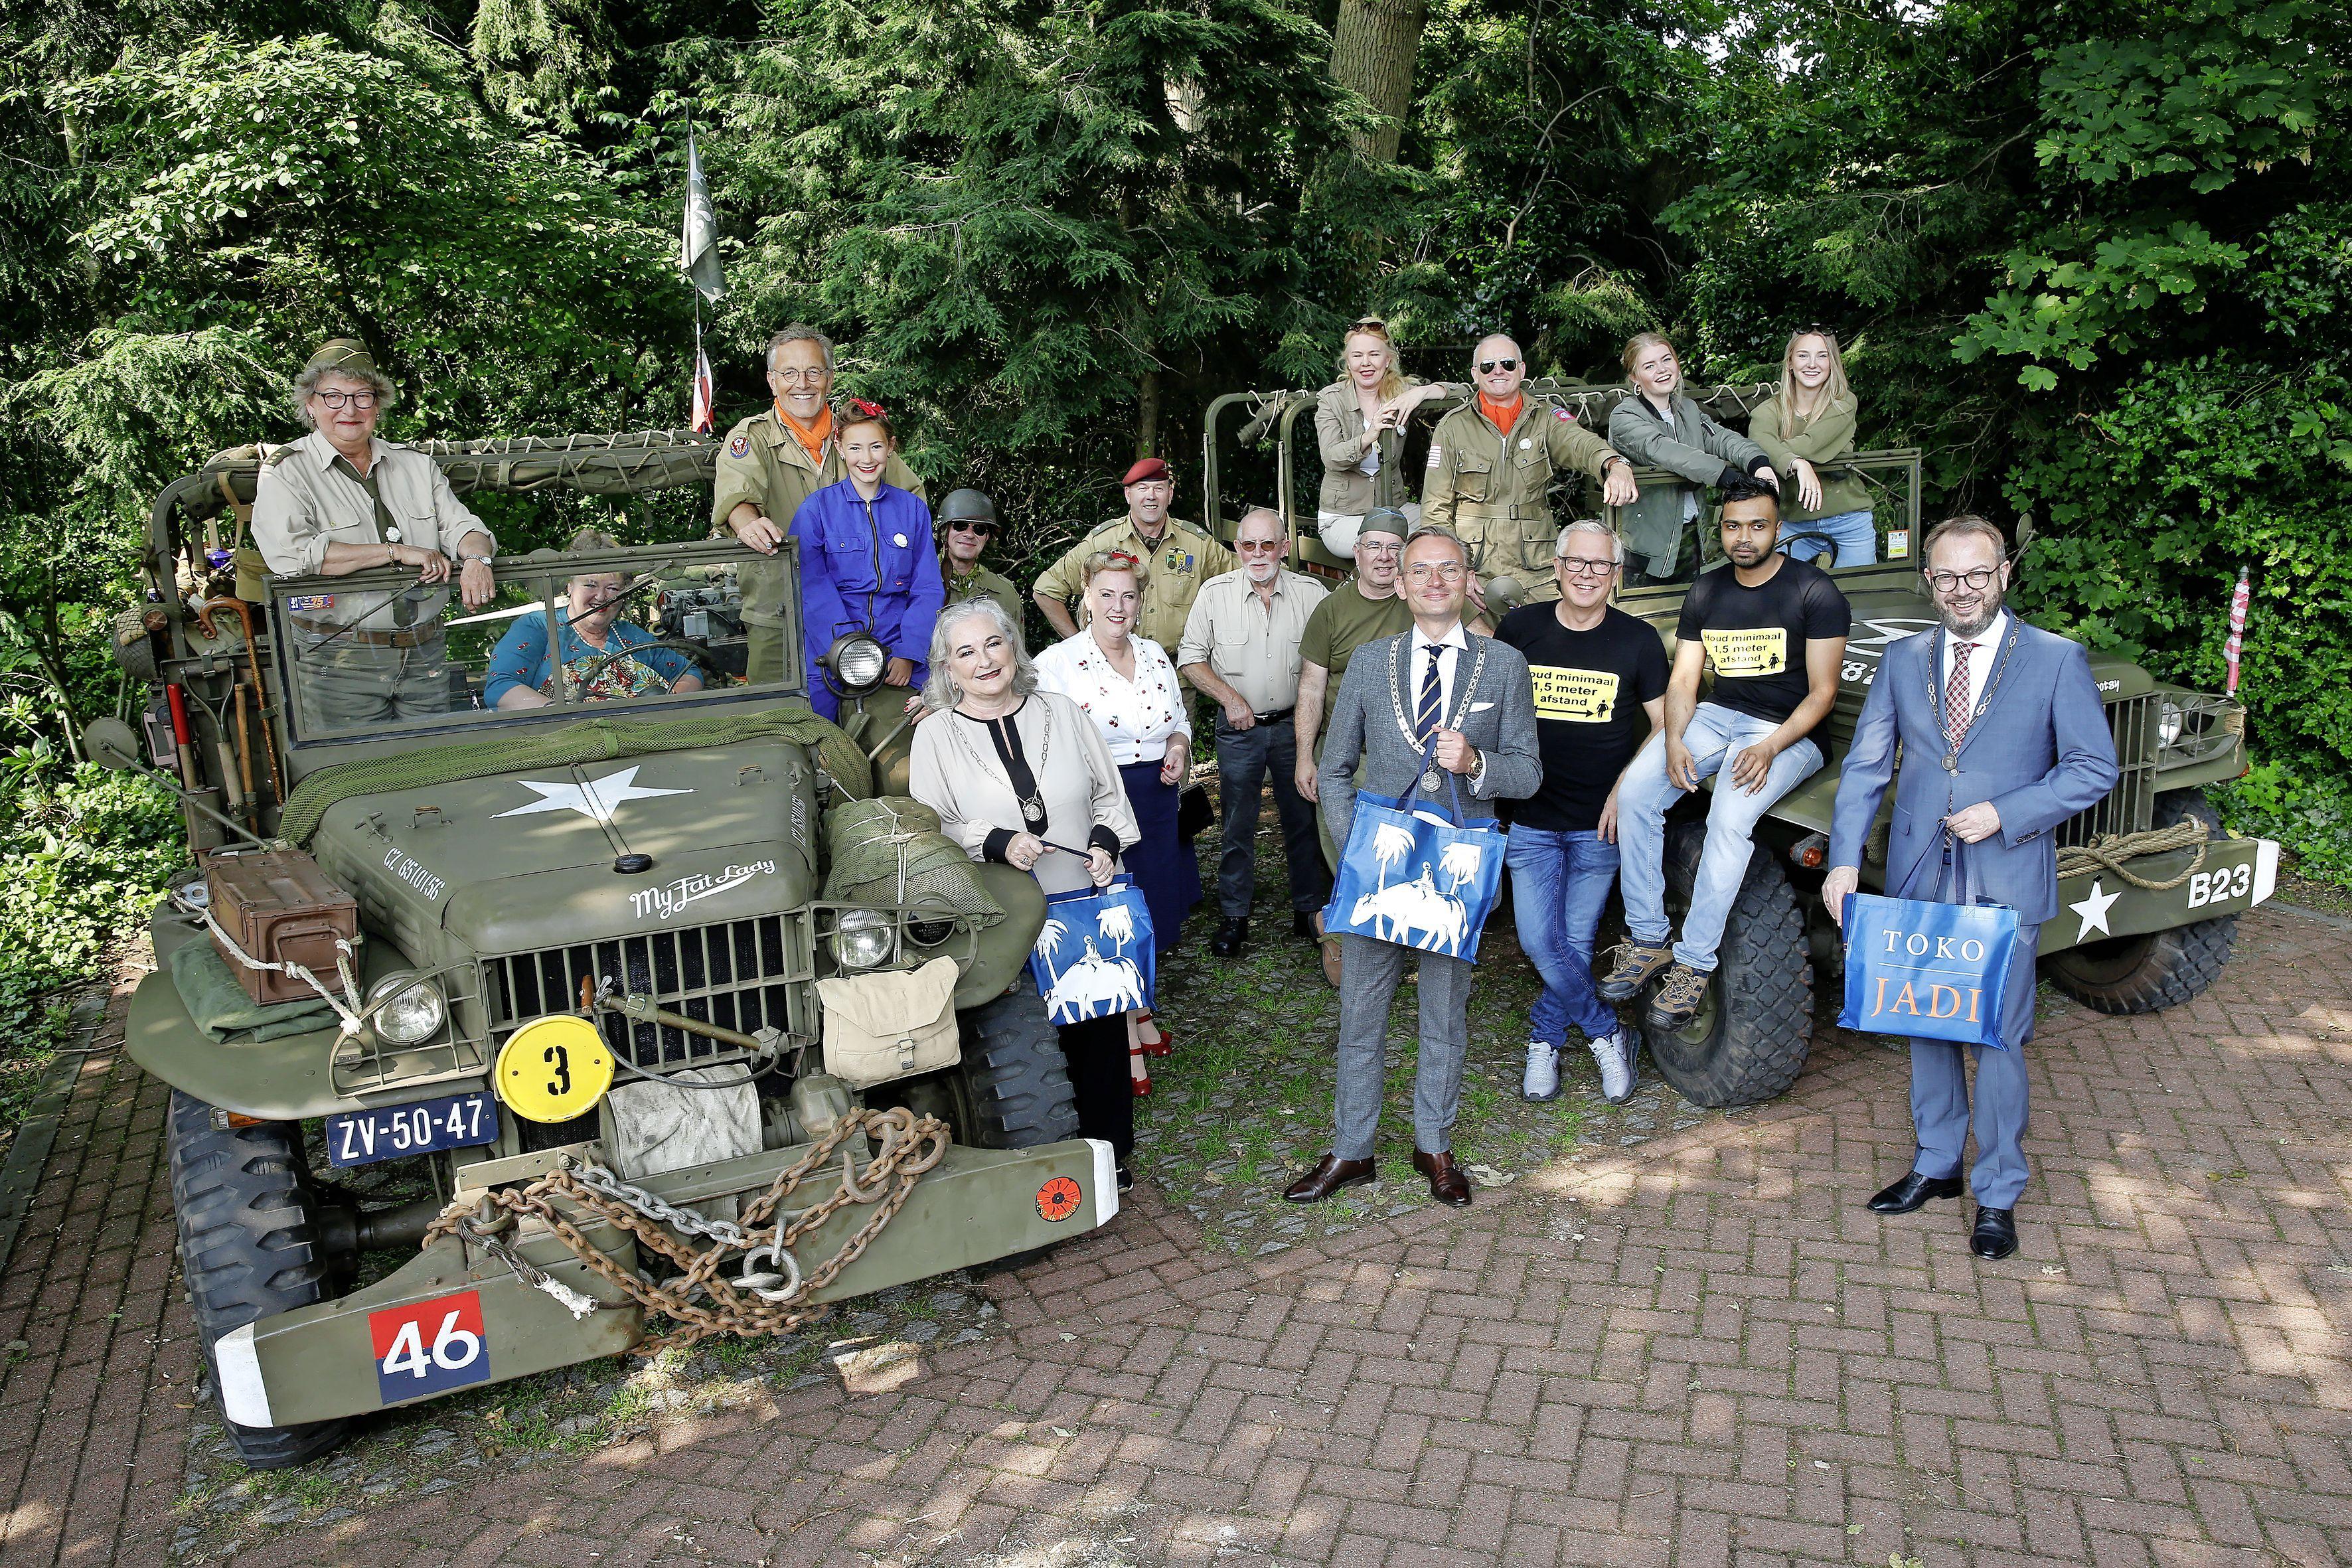 Burgemeesters Blaricum, Eemnes en Laren bezorgen 'blauwe hap' in stijl bij hun veteranen. Eerbetoon aangevuld met hijsen speciale vlag en planten witte anjers